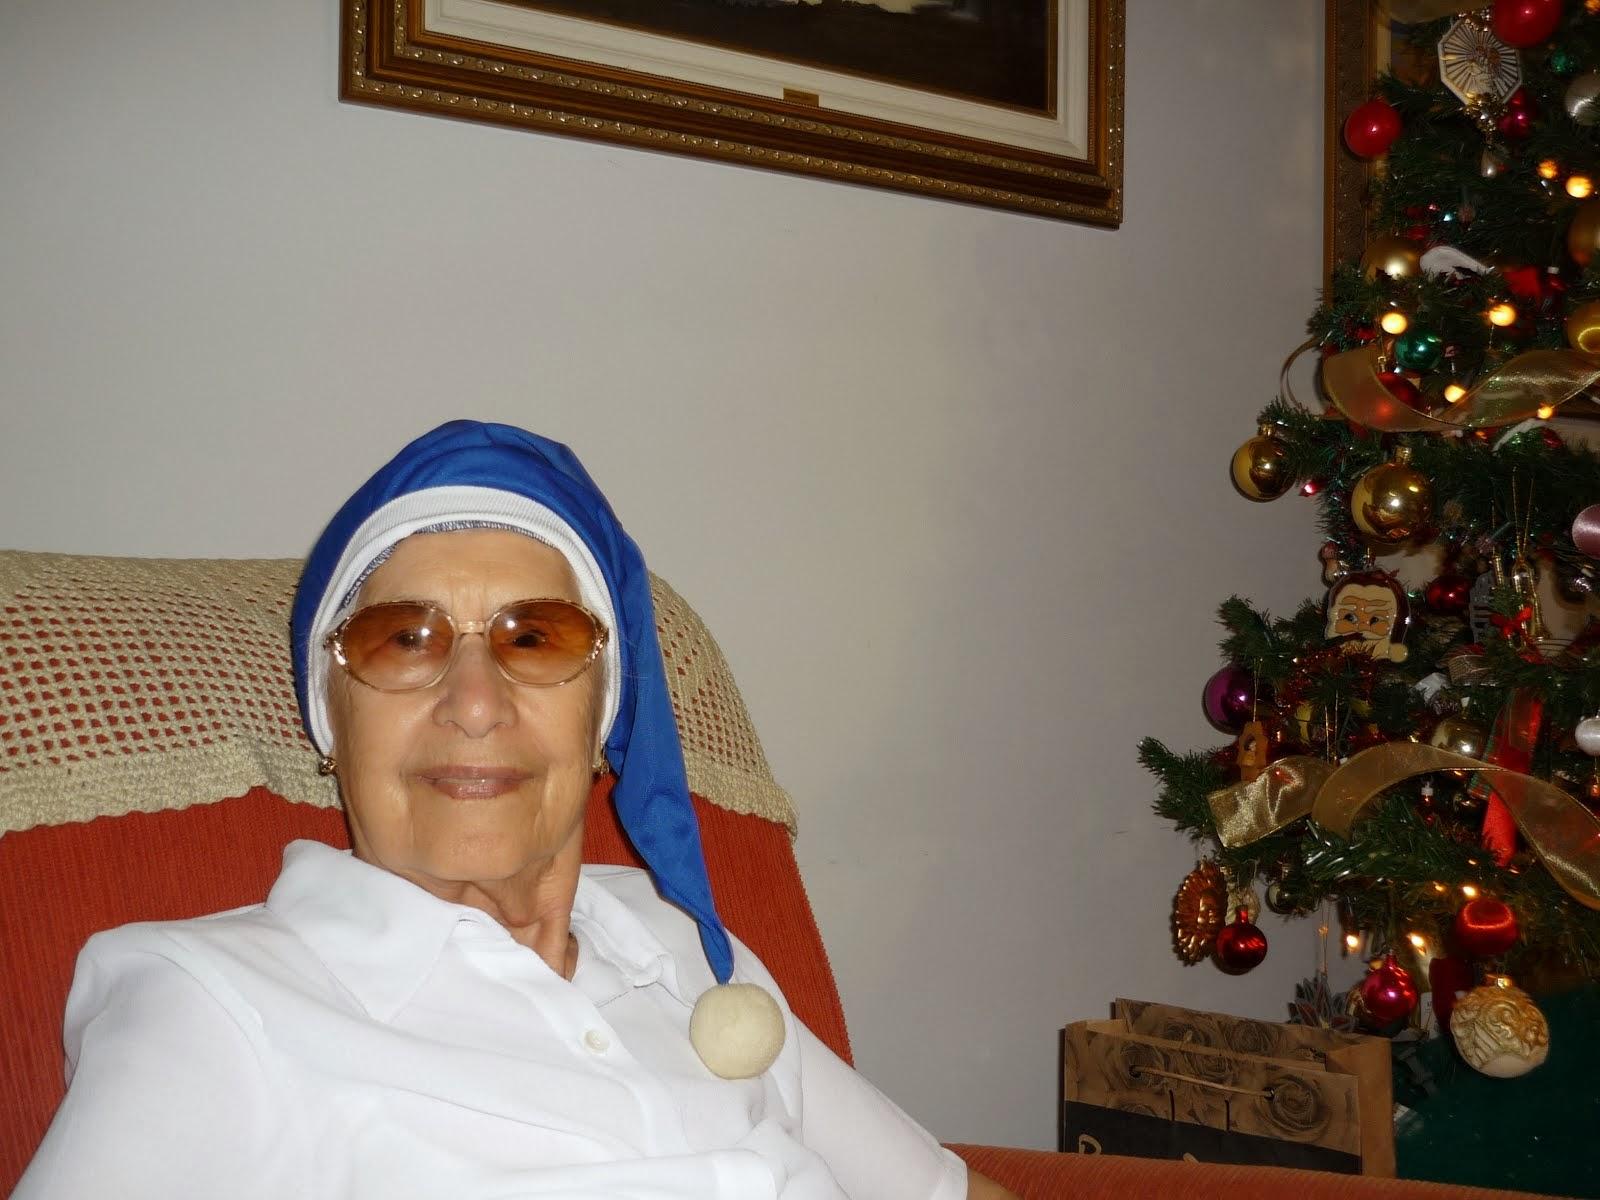 MAMÃE NOEL DE PRONTIDÃO